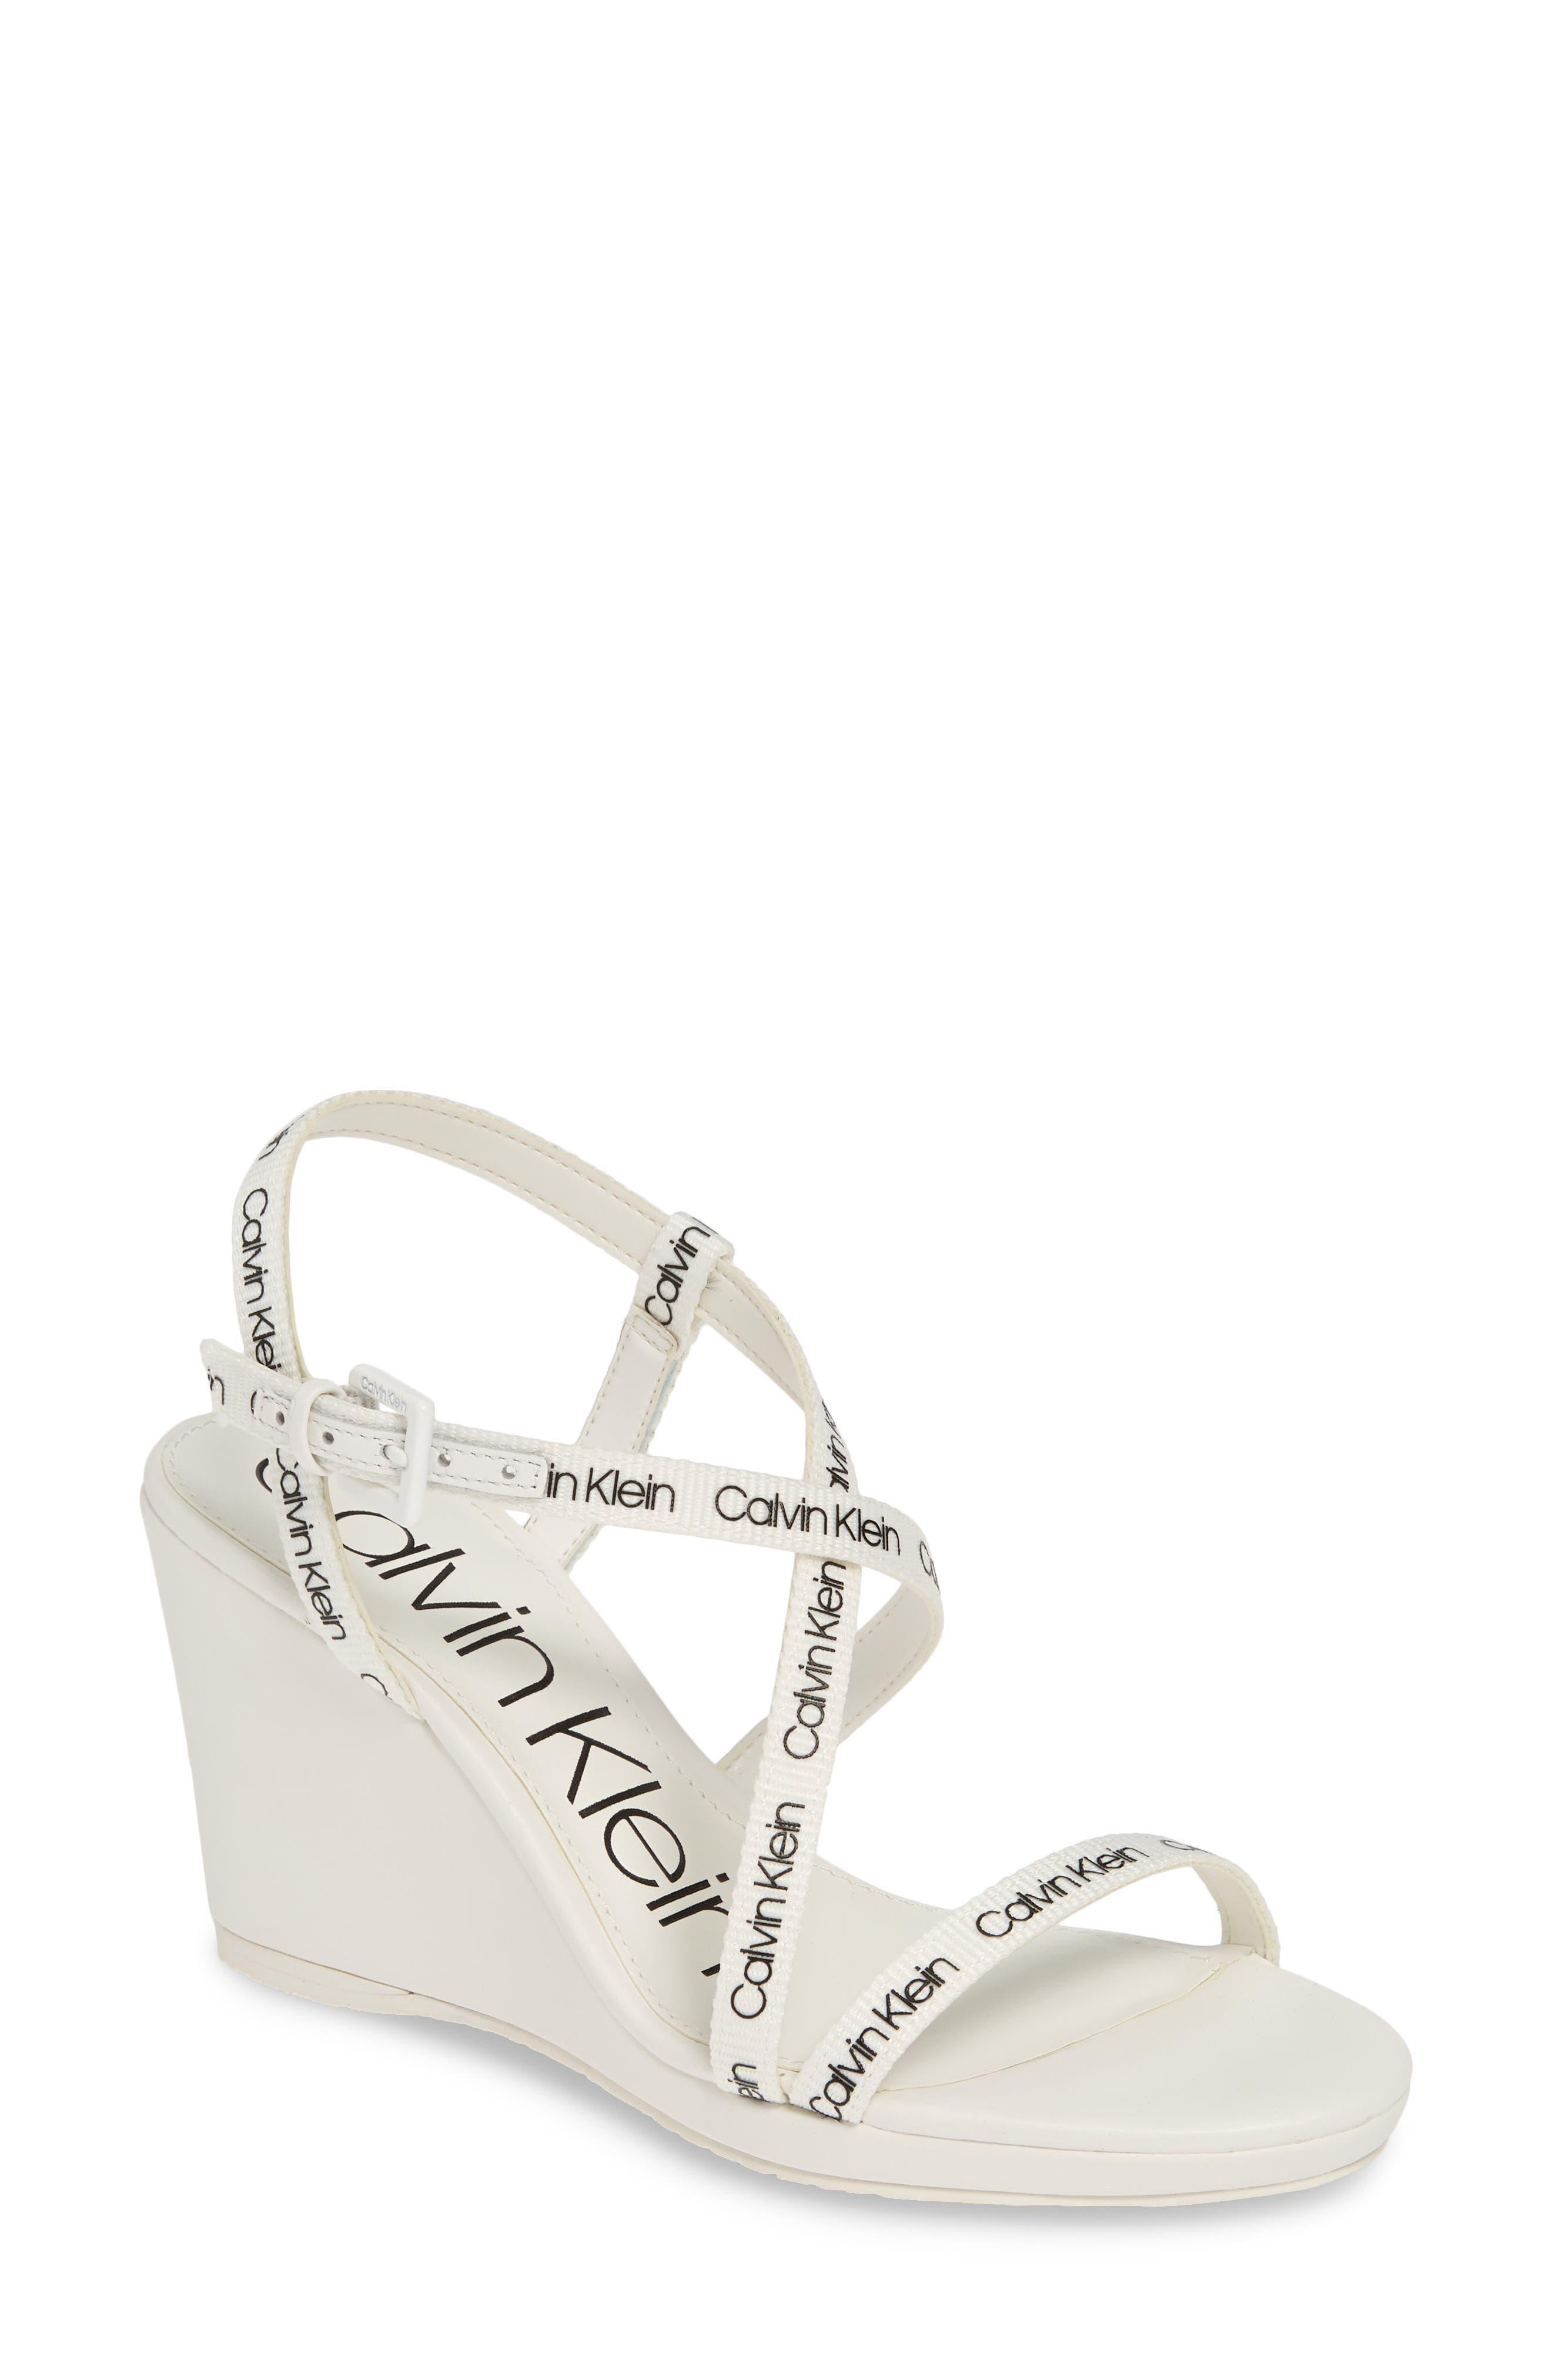 0be4d17d042 Calvin Klein Bellemine Slingback Wedge Sandal